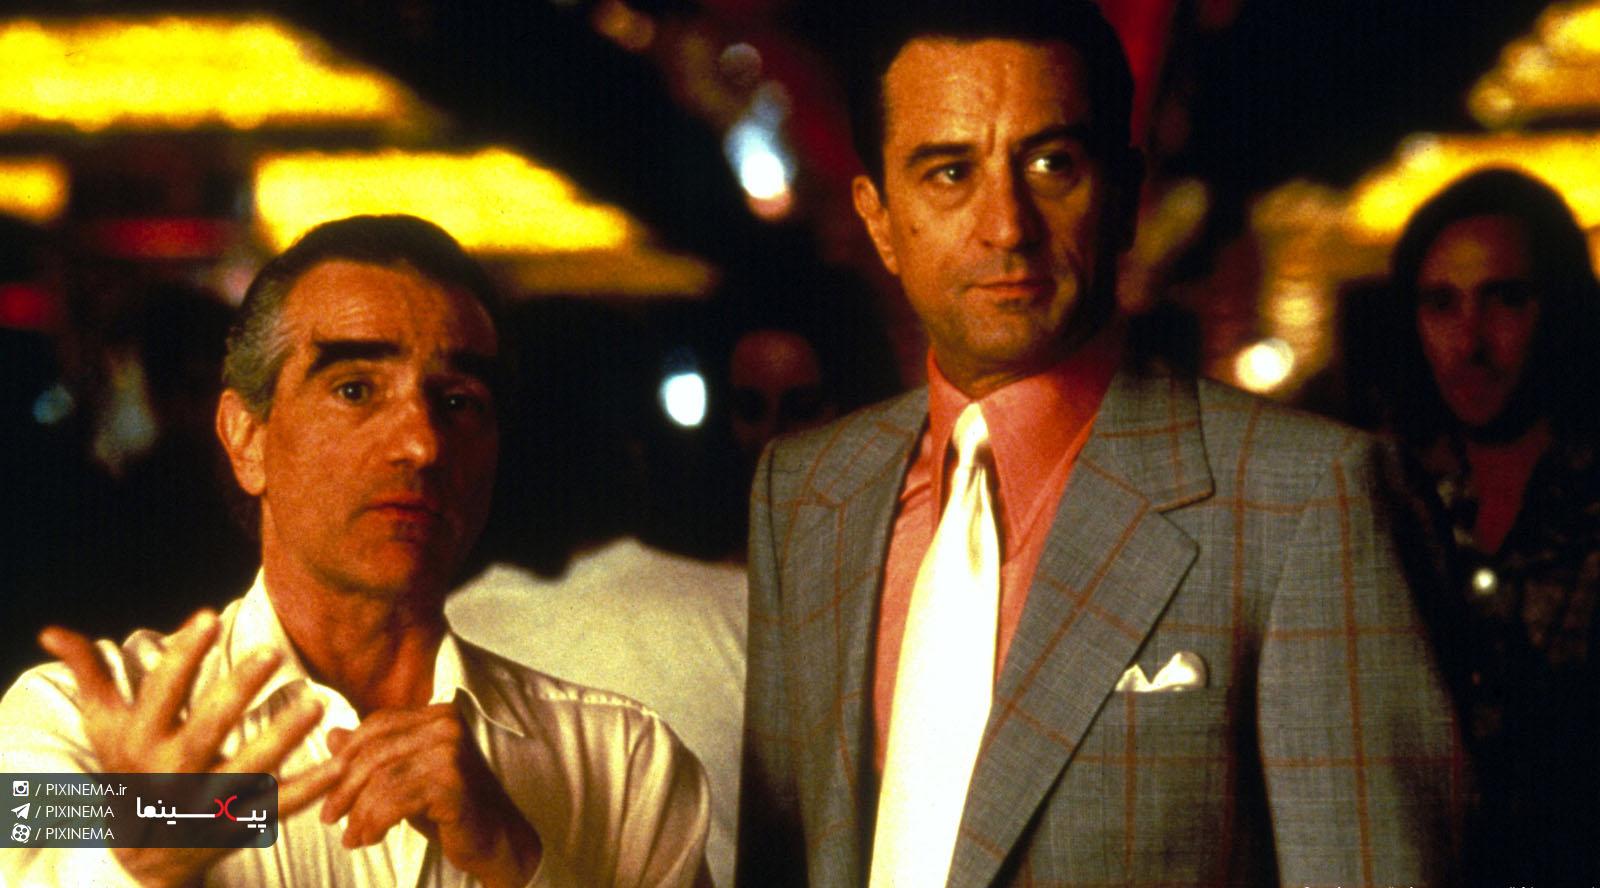 تمام لباس هایی که رابرت دنیرو در فیلم کازینو پوشید